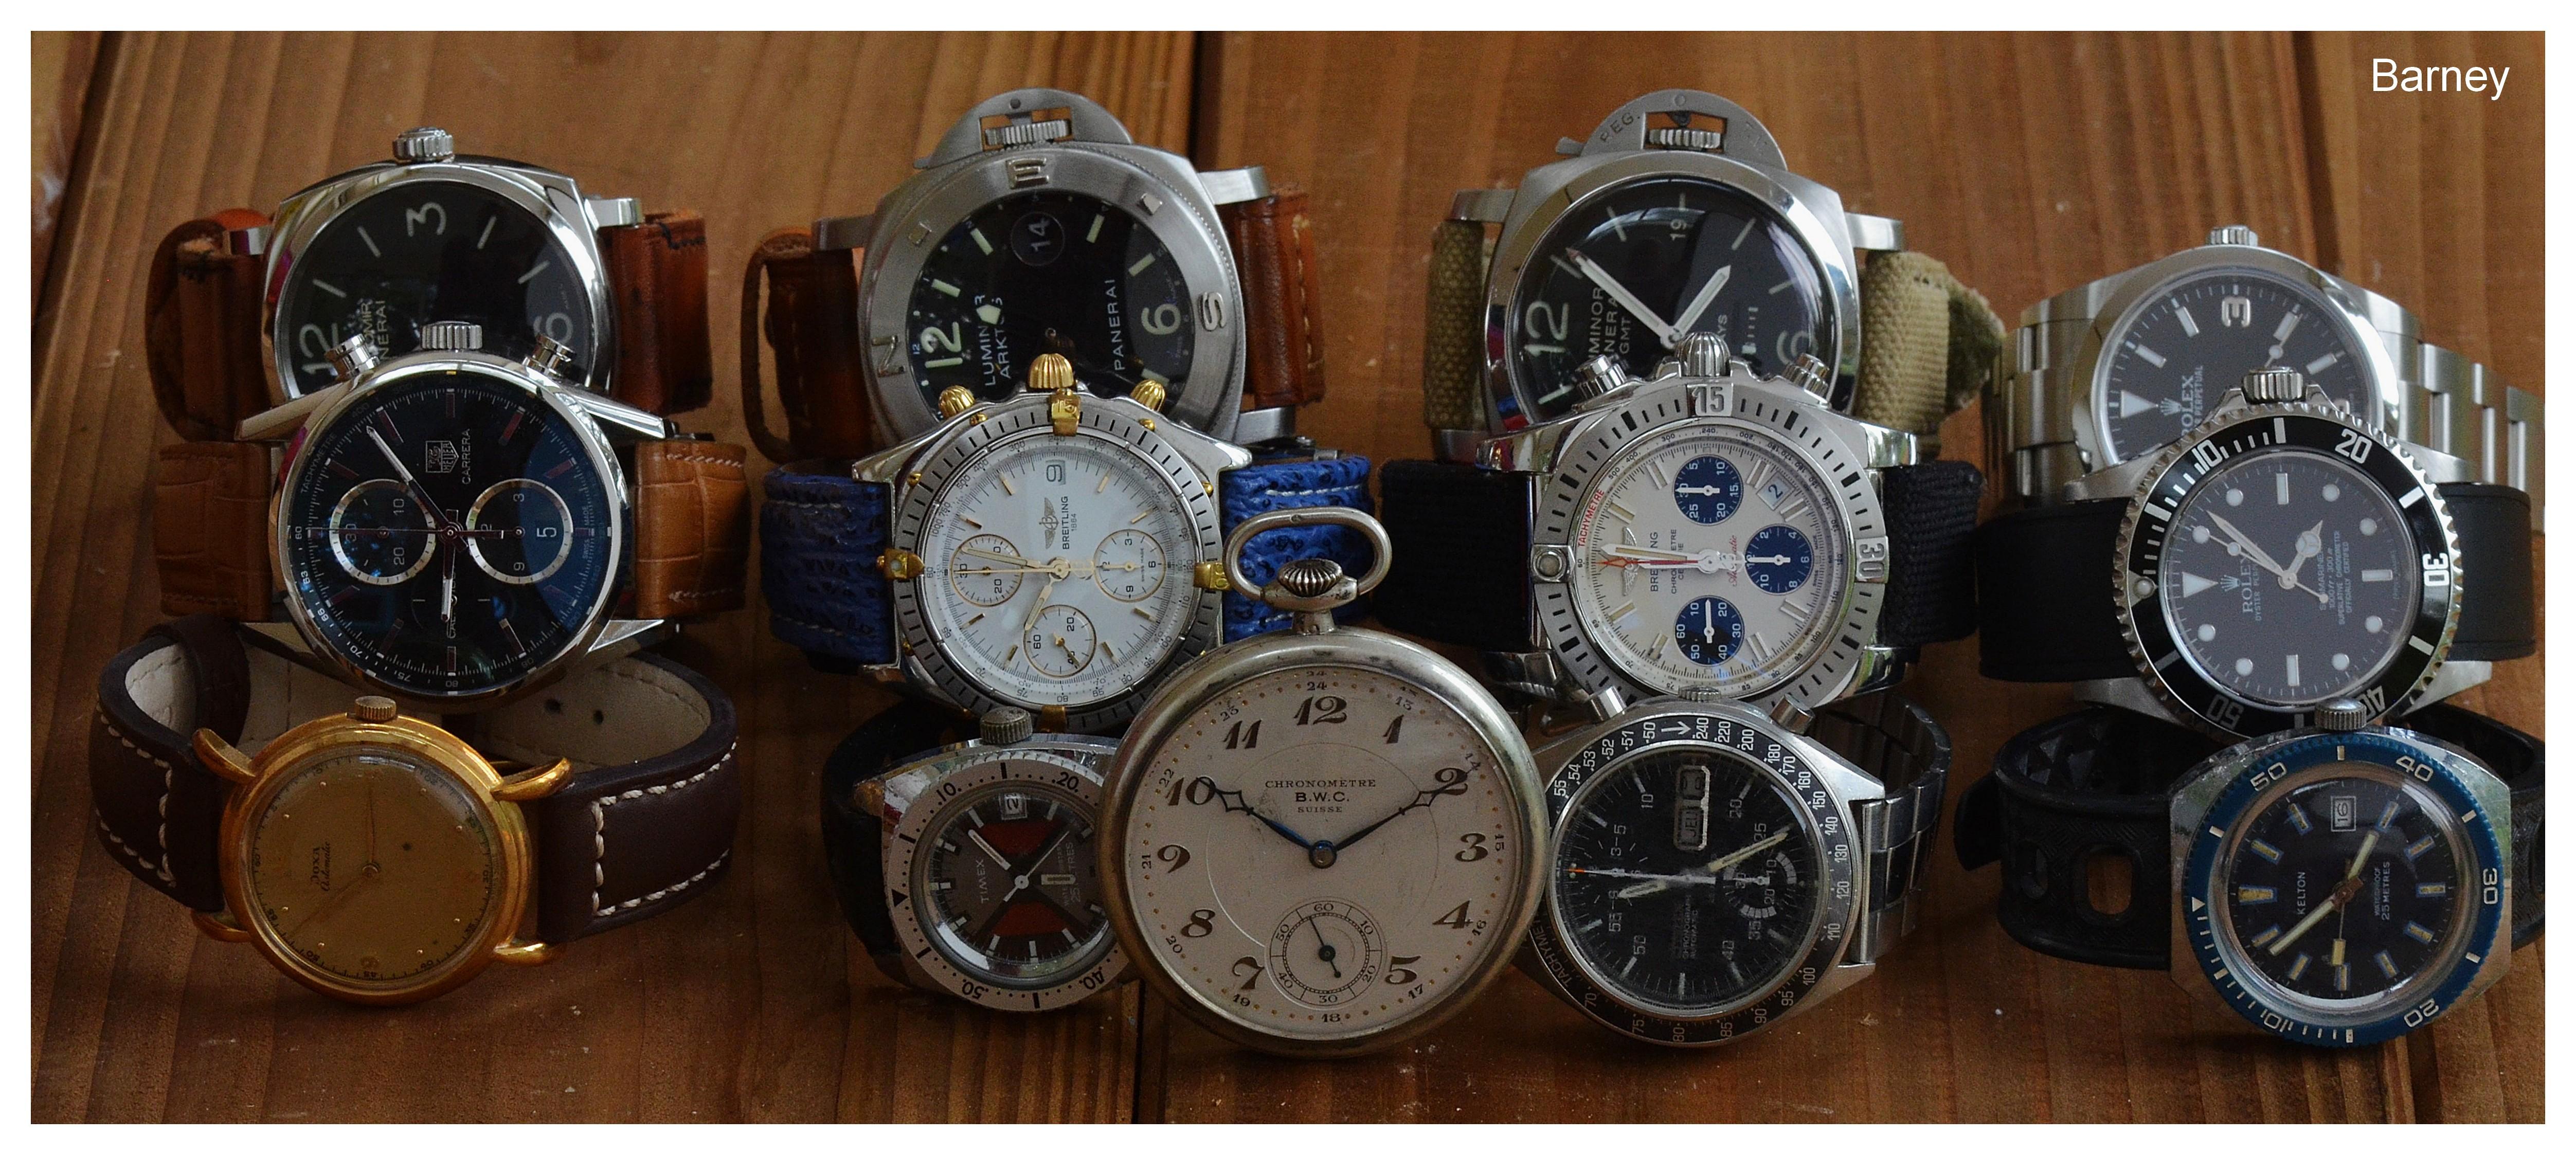 collection - Votre collection en une photo - Tome 10 - Page 9 48924137092_6ce6bd8b35_5k